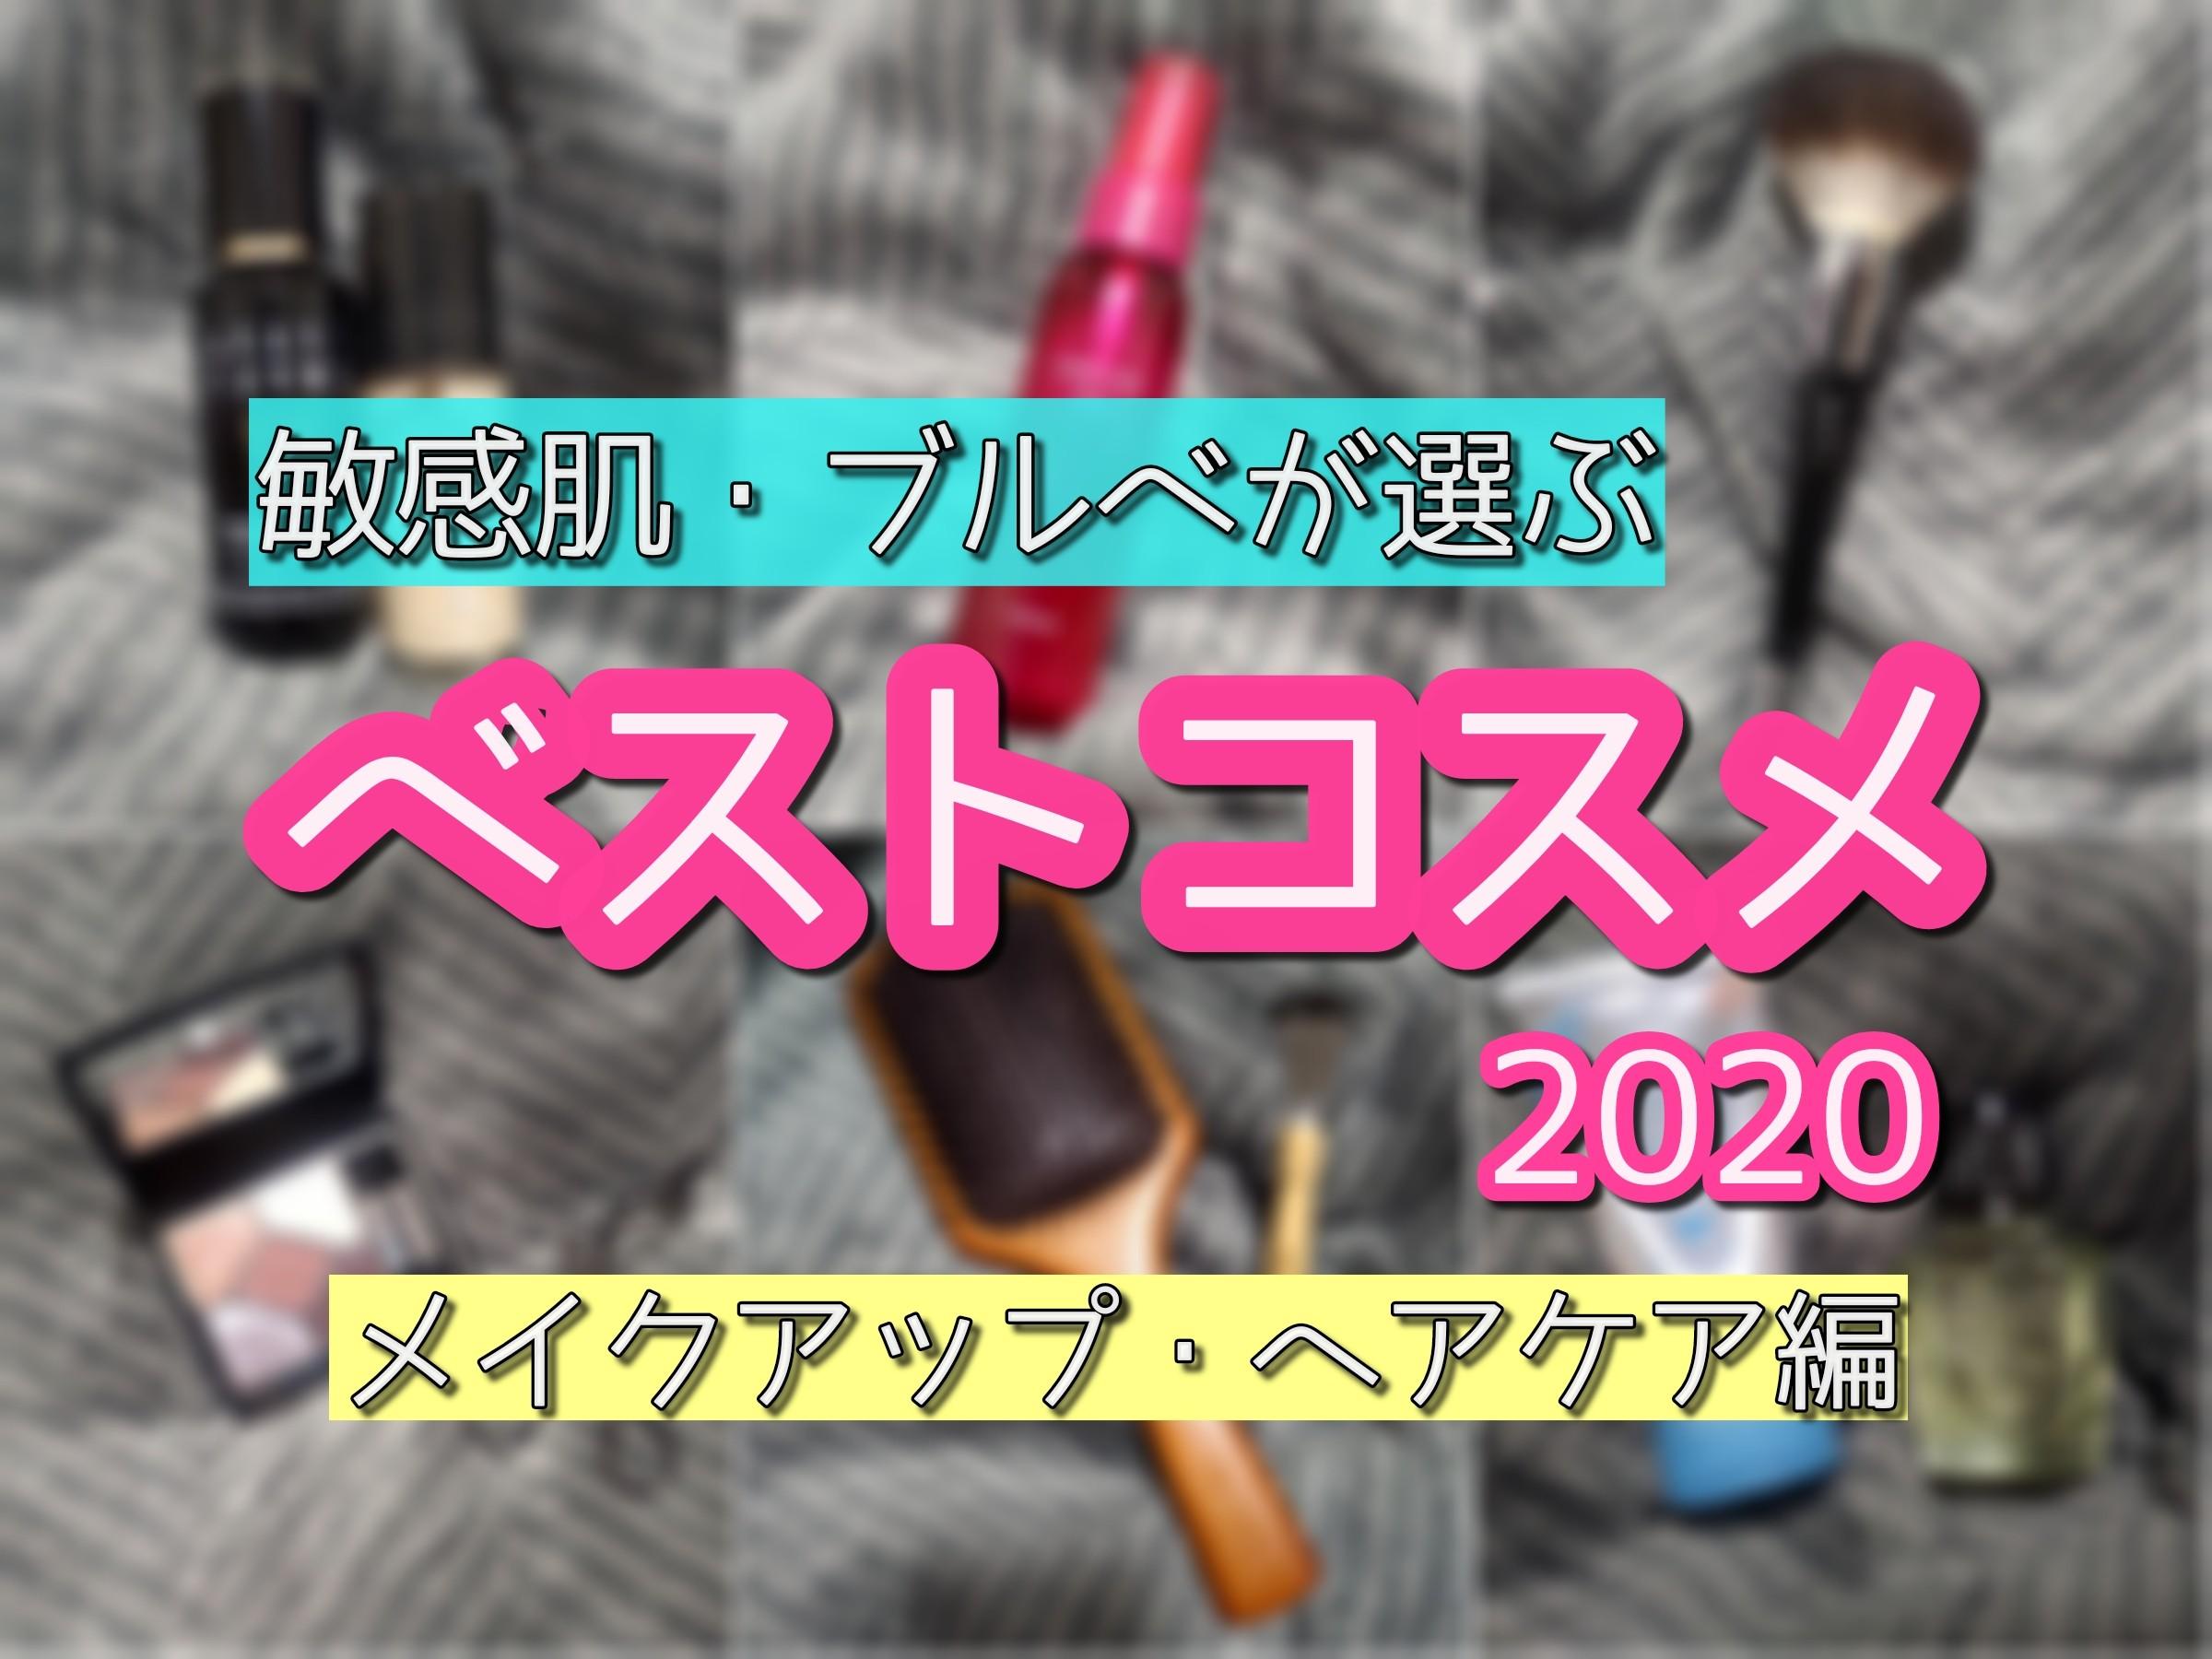 ブルベ・敏感肌が選ぶ2020年ベストコスメ【コスメ・ヘアケア編】